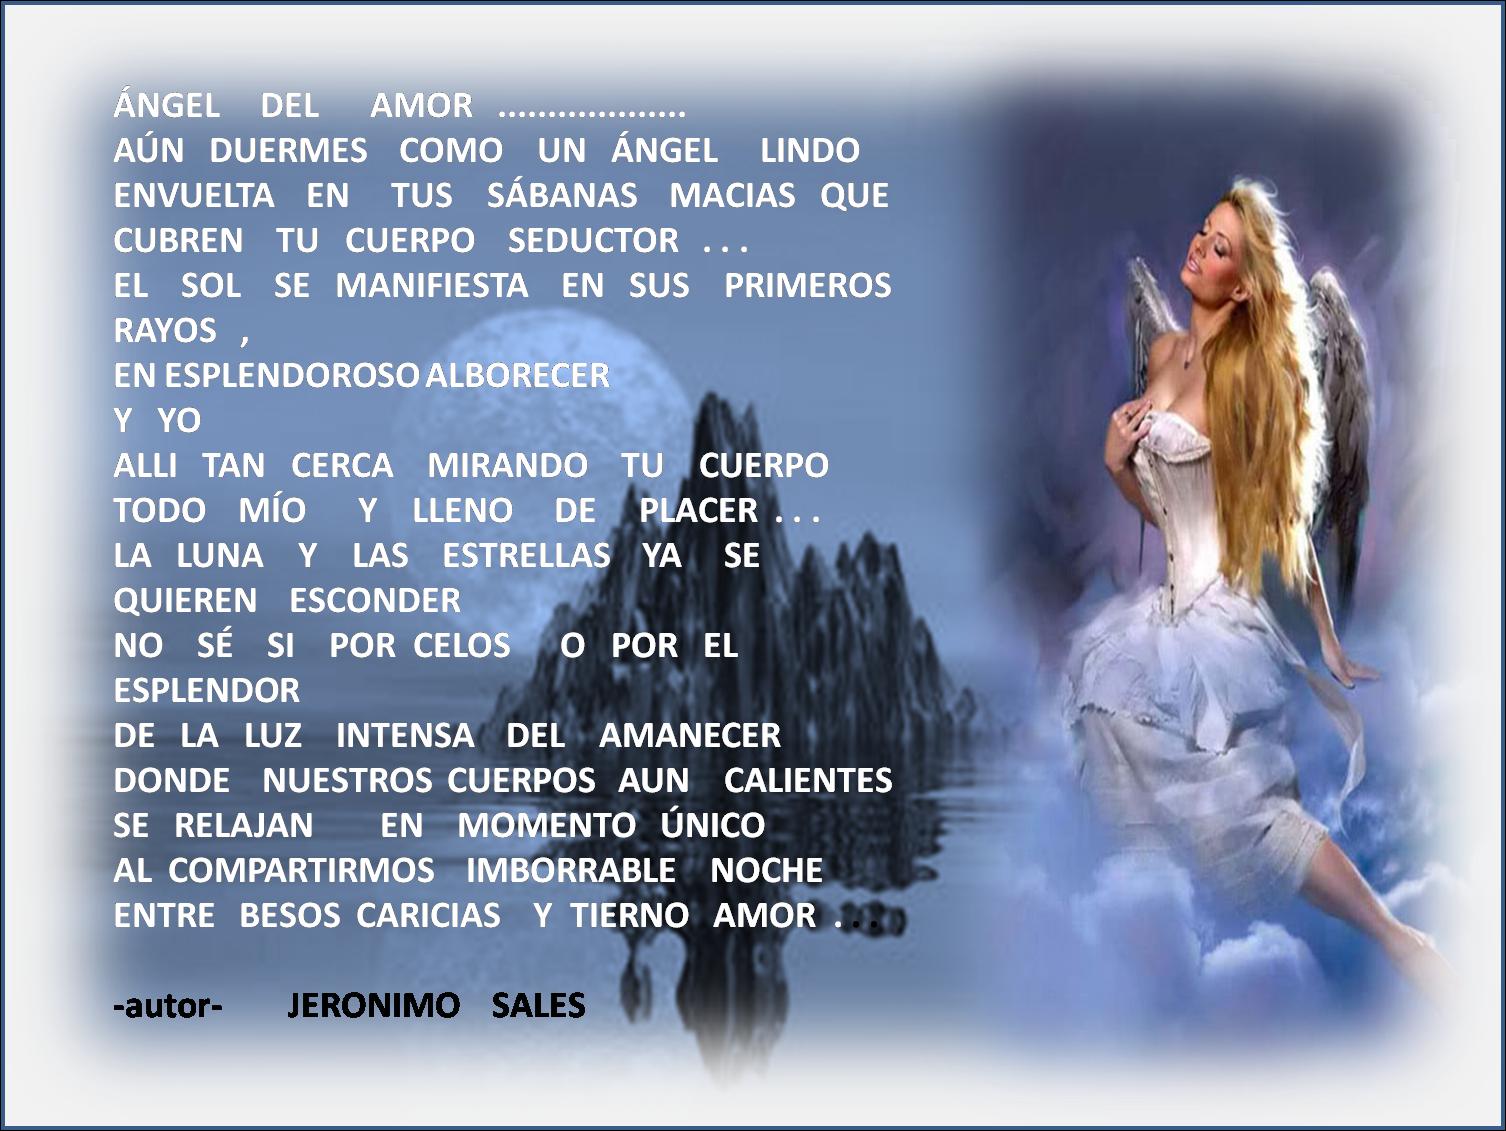 Imagenes De Amor Con Frases De Amor: IMAGENES Y FRASES DE AMOR: Imagen Con Angel